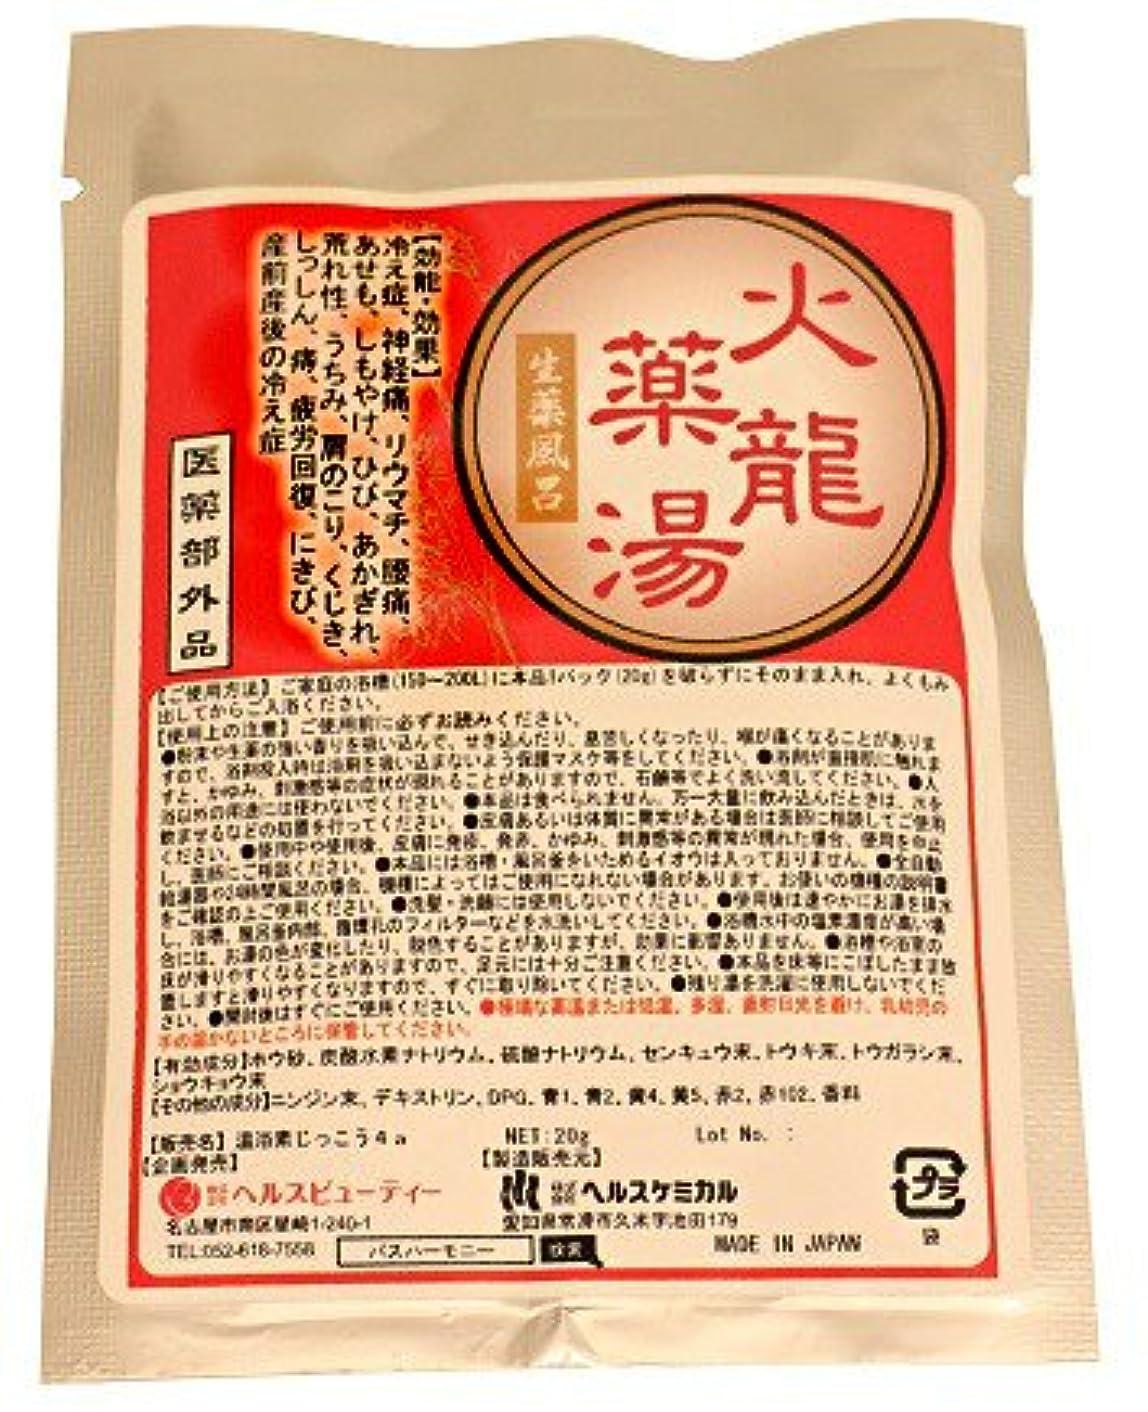 散髪投資するコマース火龍 薬湯 分包 タイプ 1回分 生薬 薬湯 天然生薬 の 香り 医薬部外品